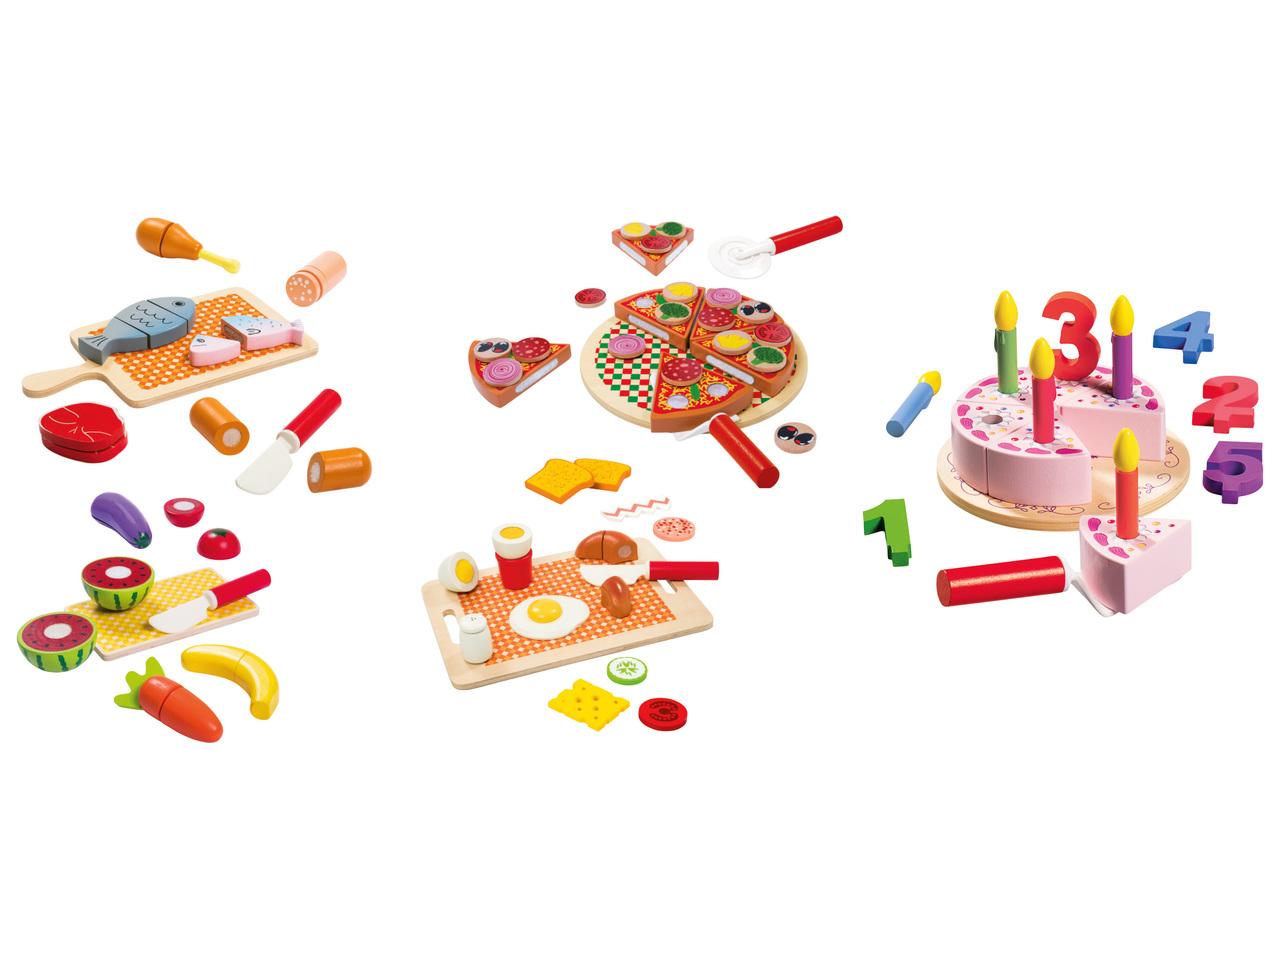 houten keuken toebehoren 699 - Geweldig (budget!) houten speelgoed tips voor Sinterklaas